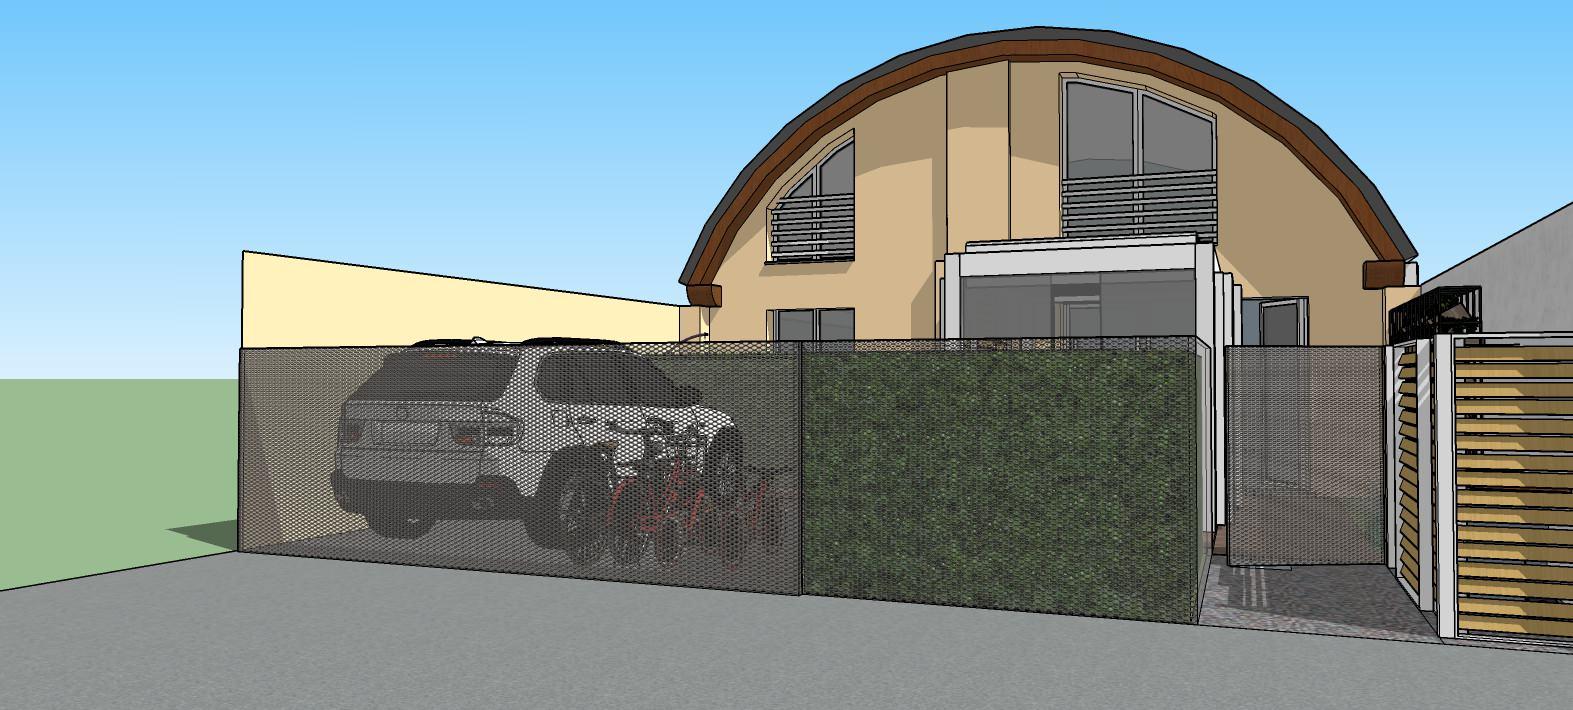 Vista dalla strada dell'abitazione e degli spazi esterni in progetto.